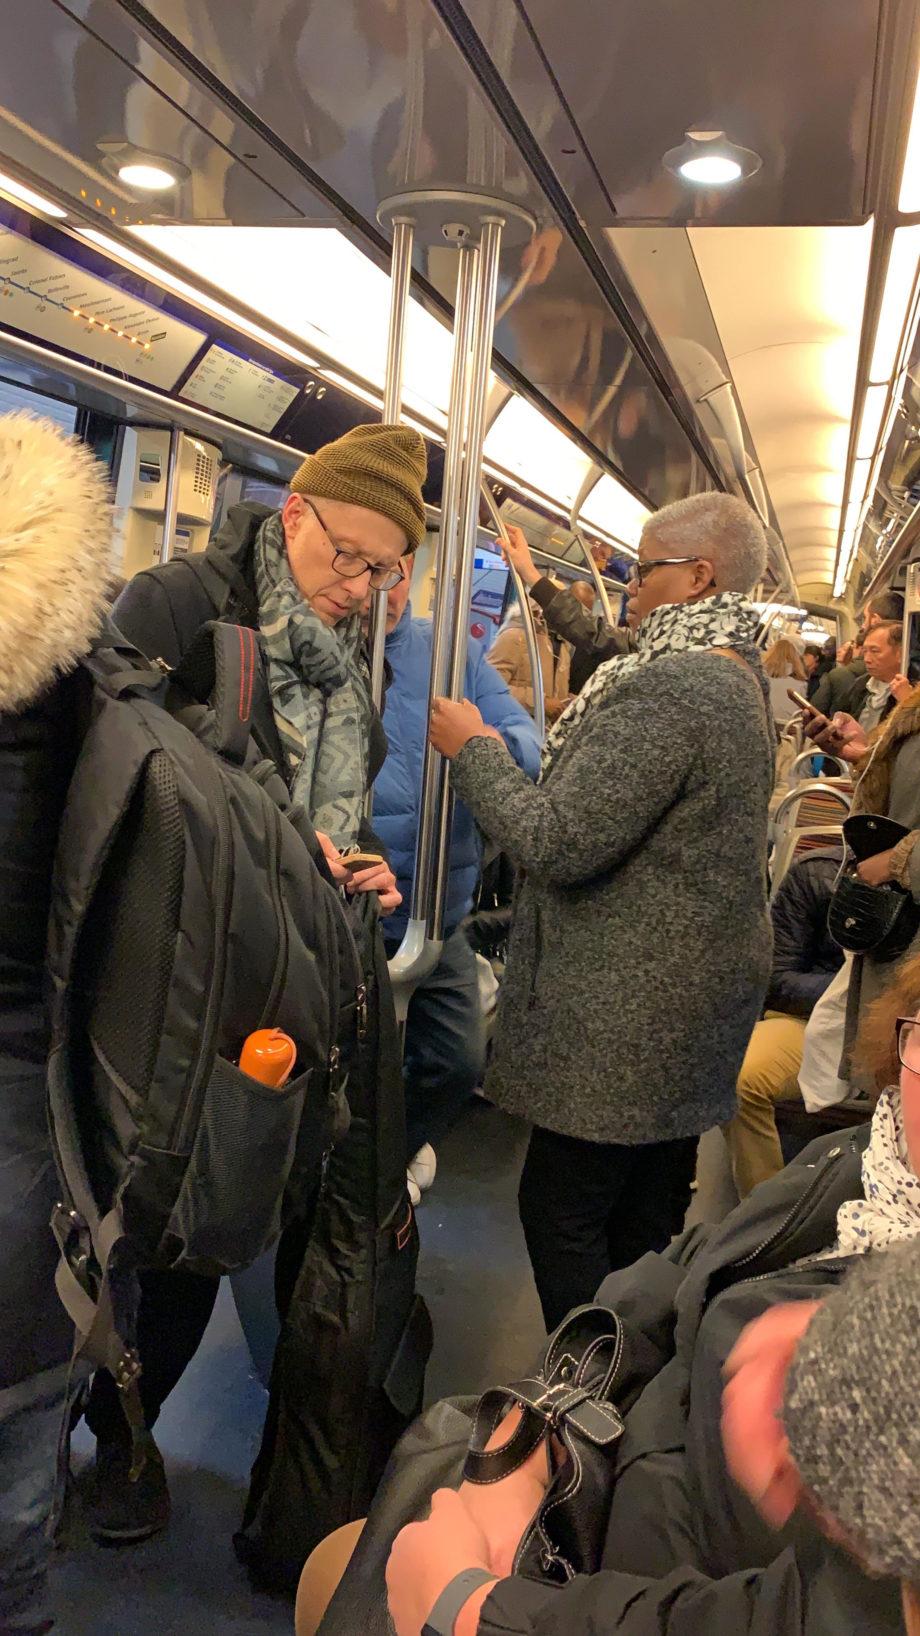 תחבורה ציבורית בפריז